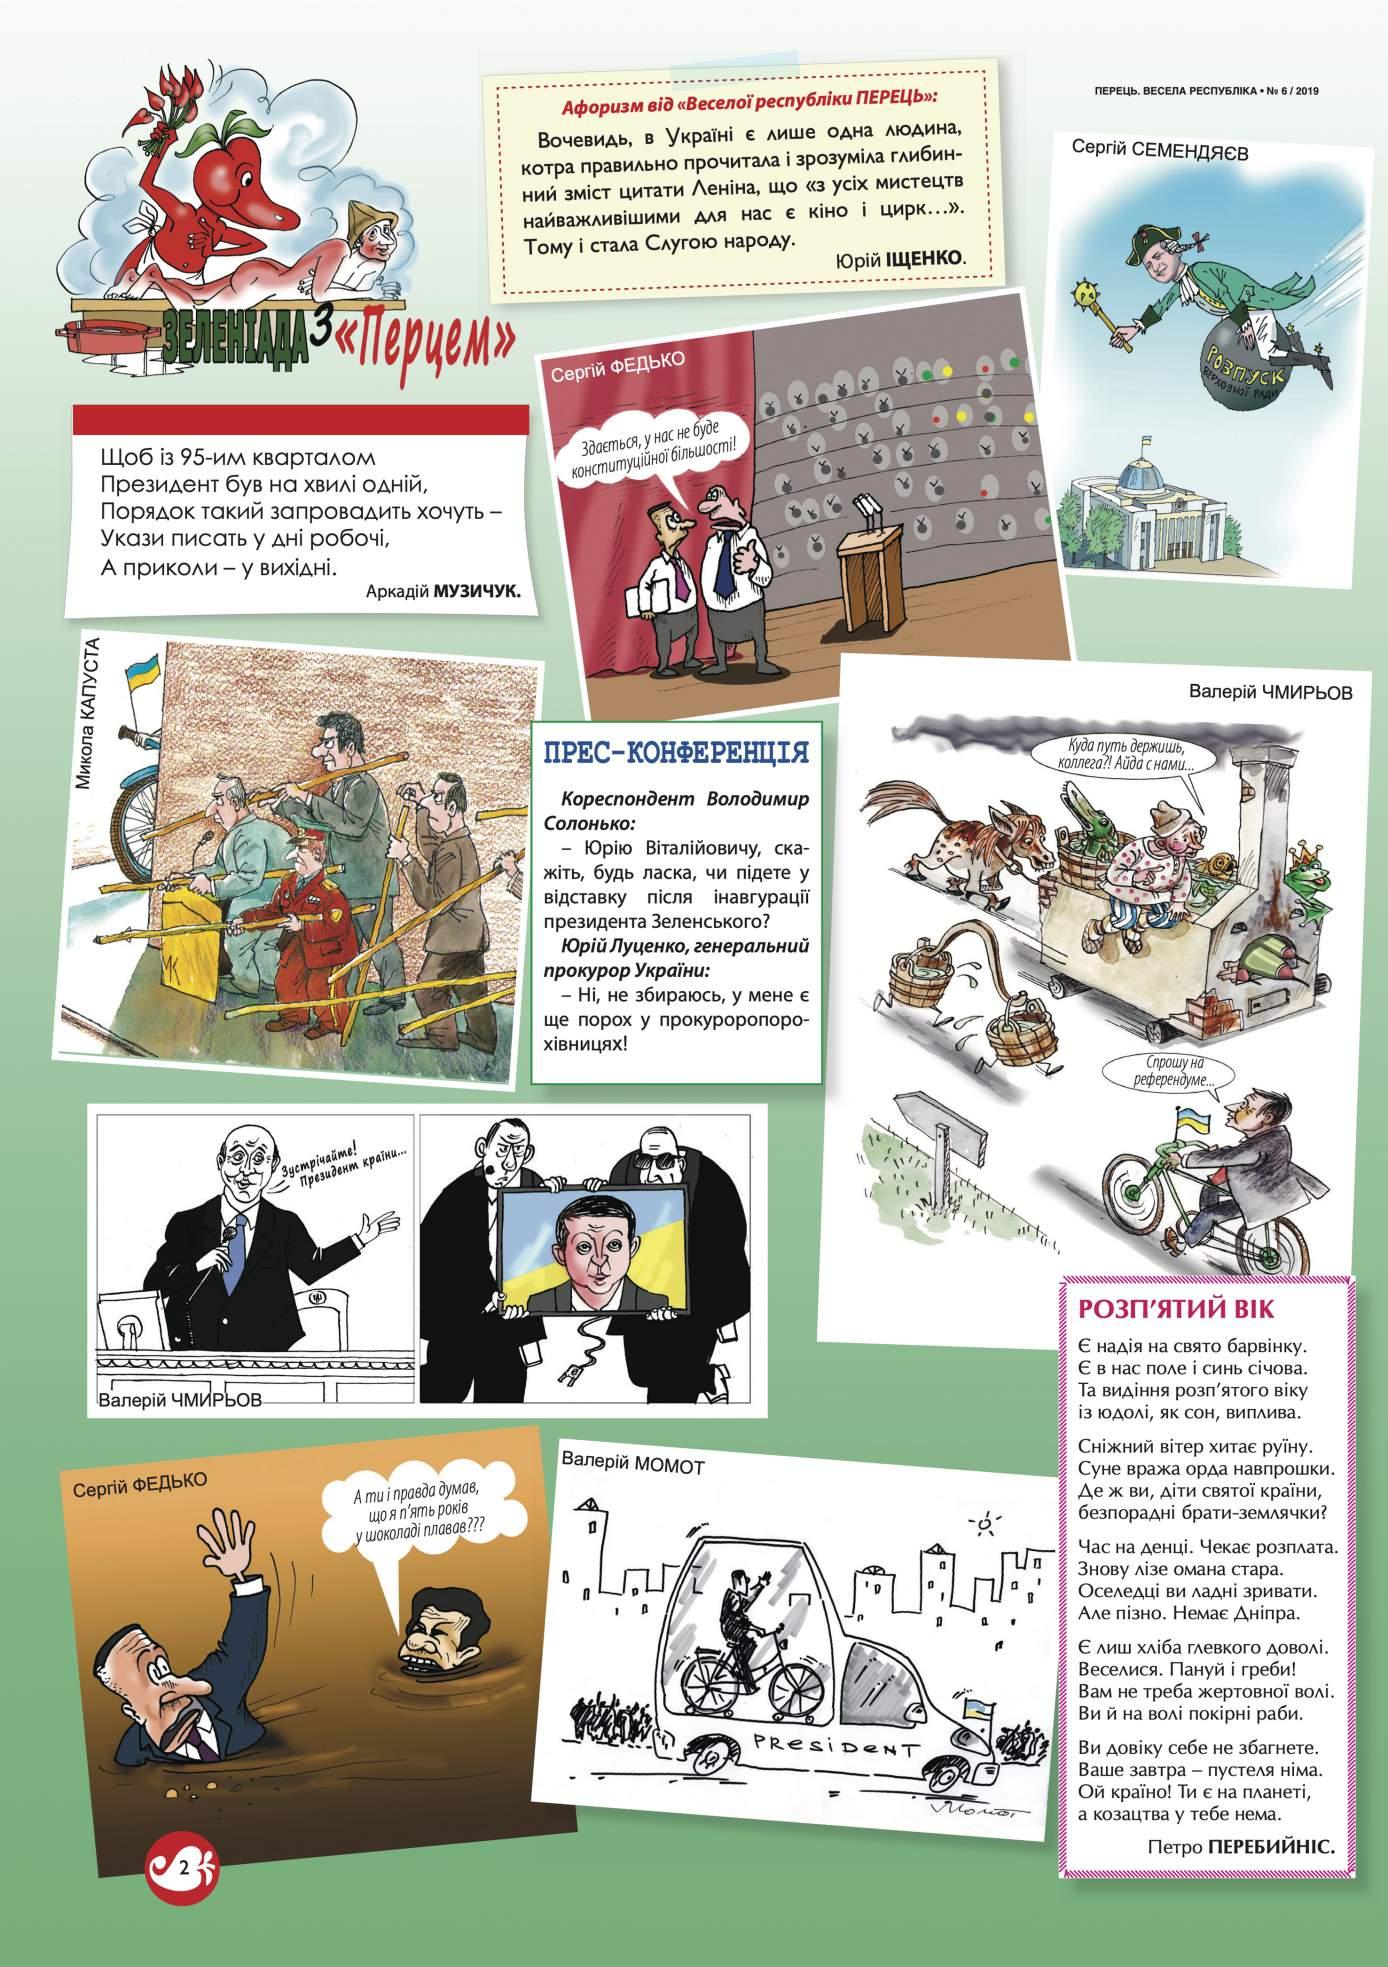 Журнал перець 2019 №06